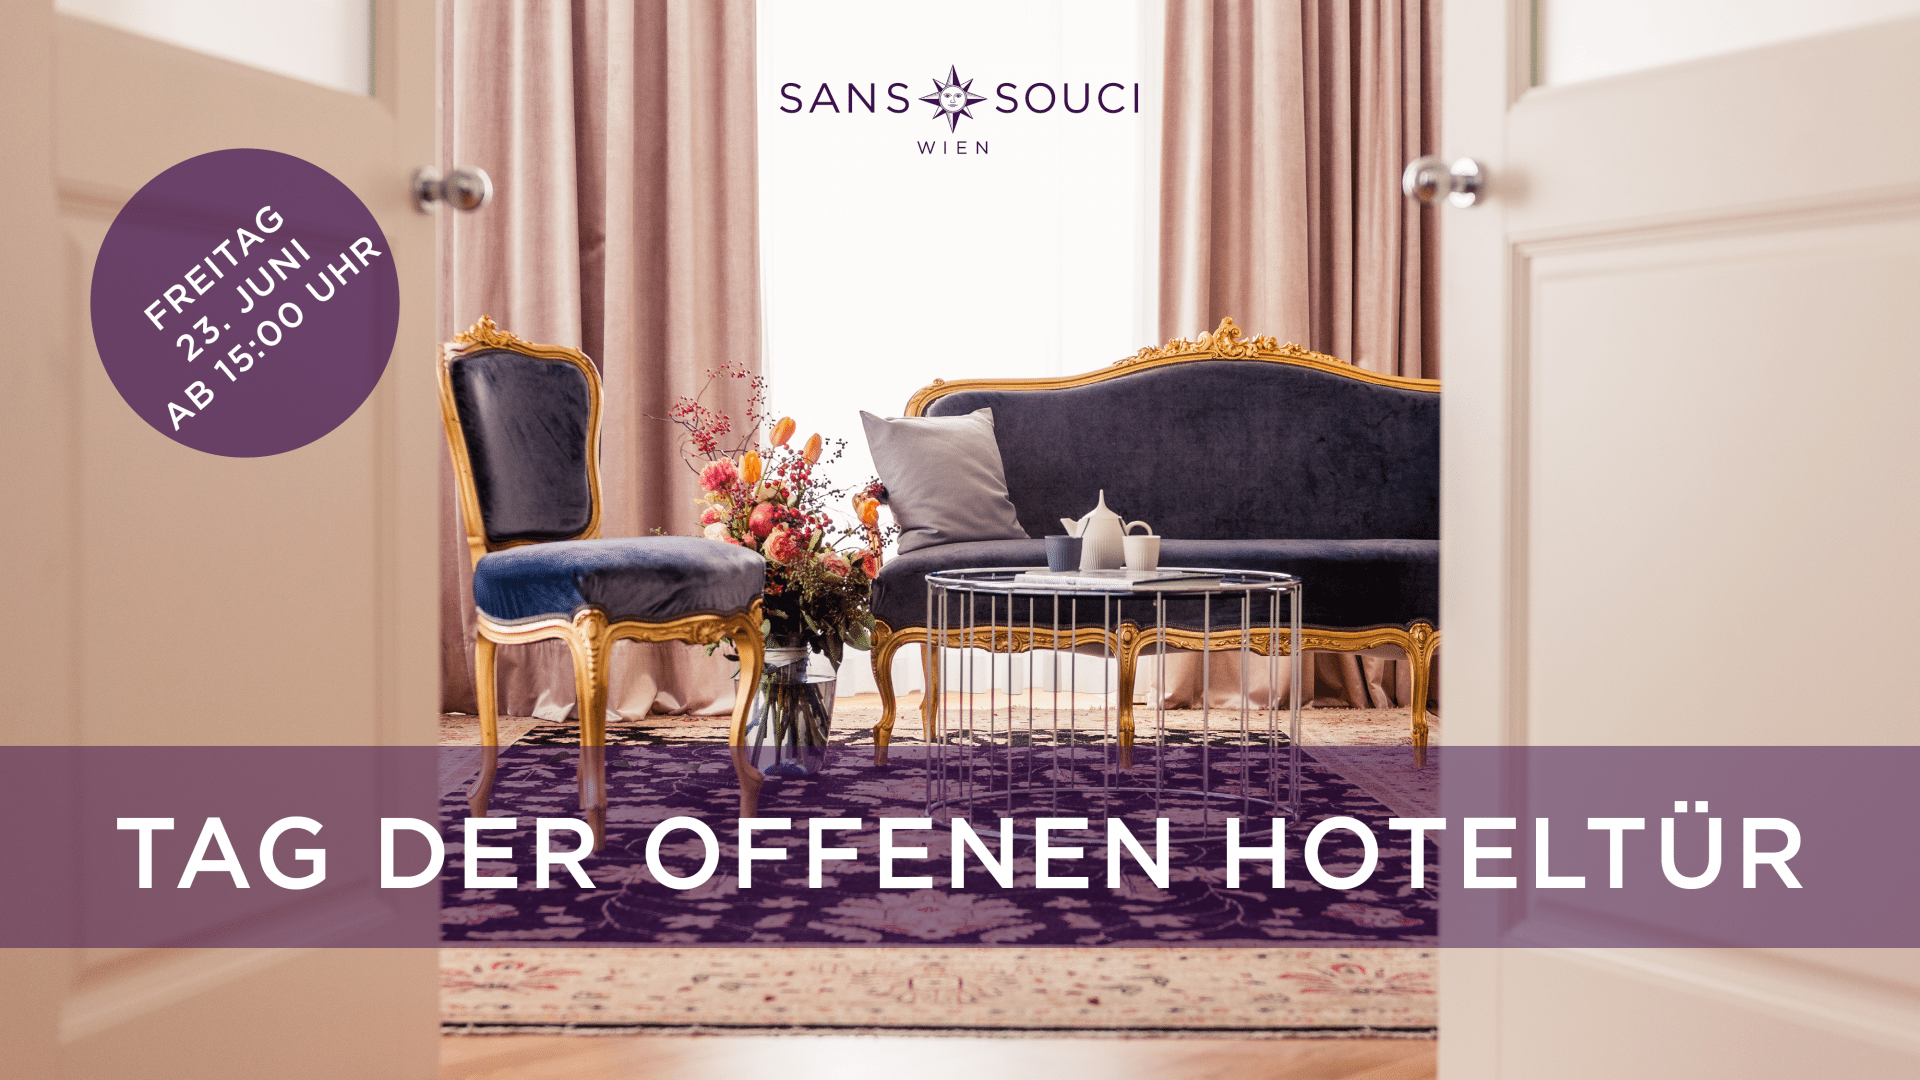 Tag der offenen Hoteltür Sans Souci Wien